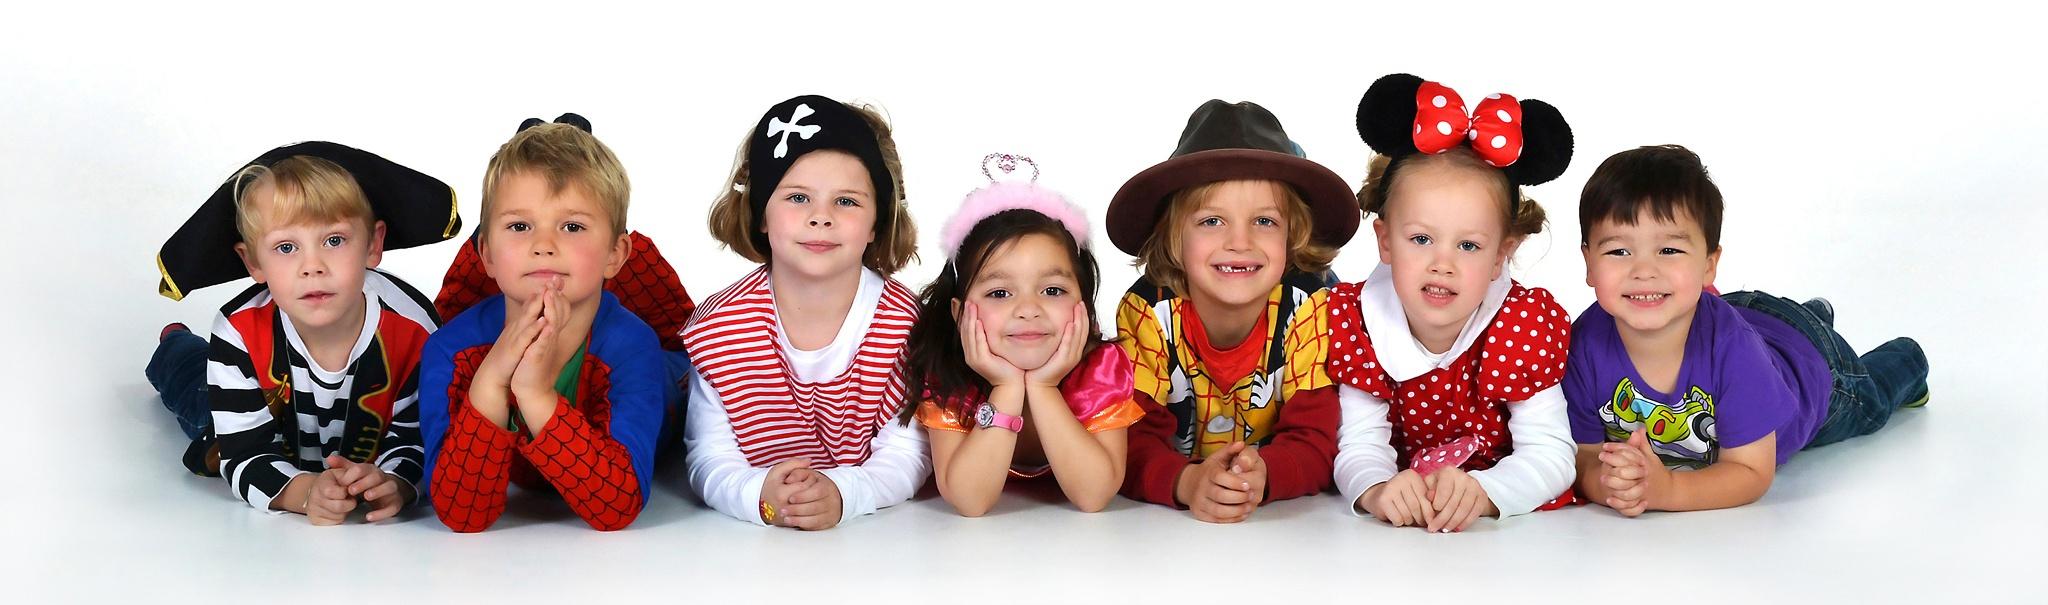 советы по фотосъемке детей